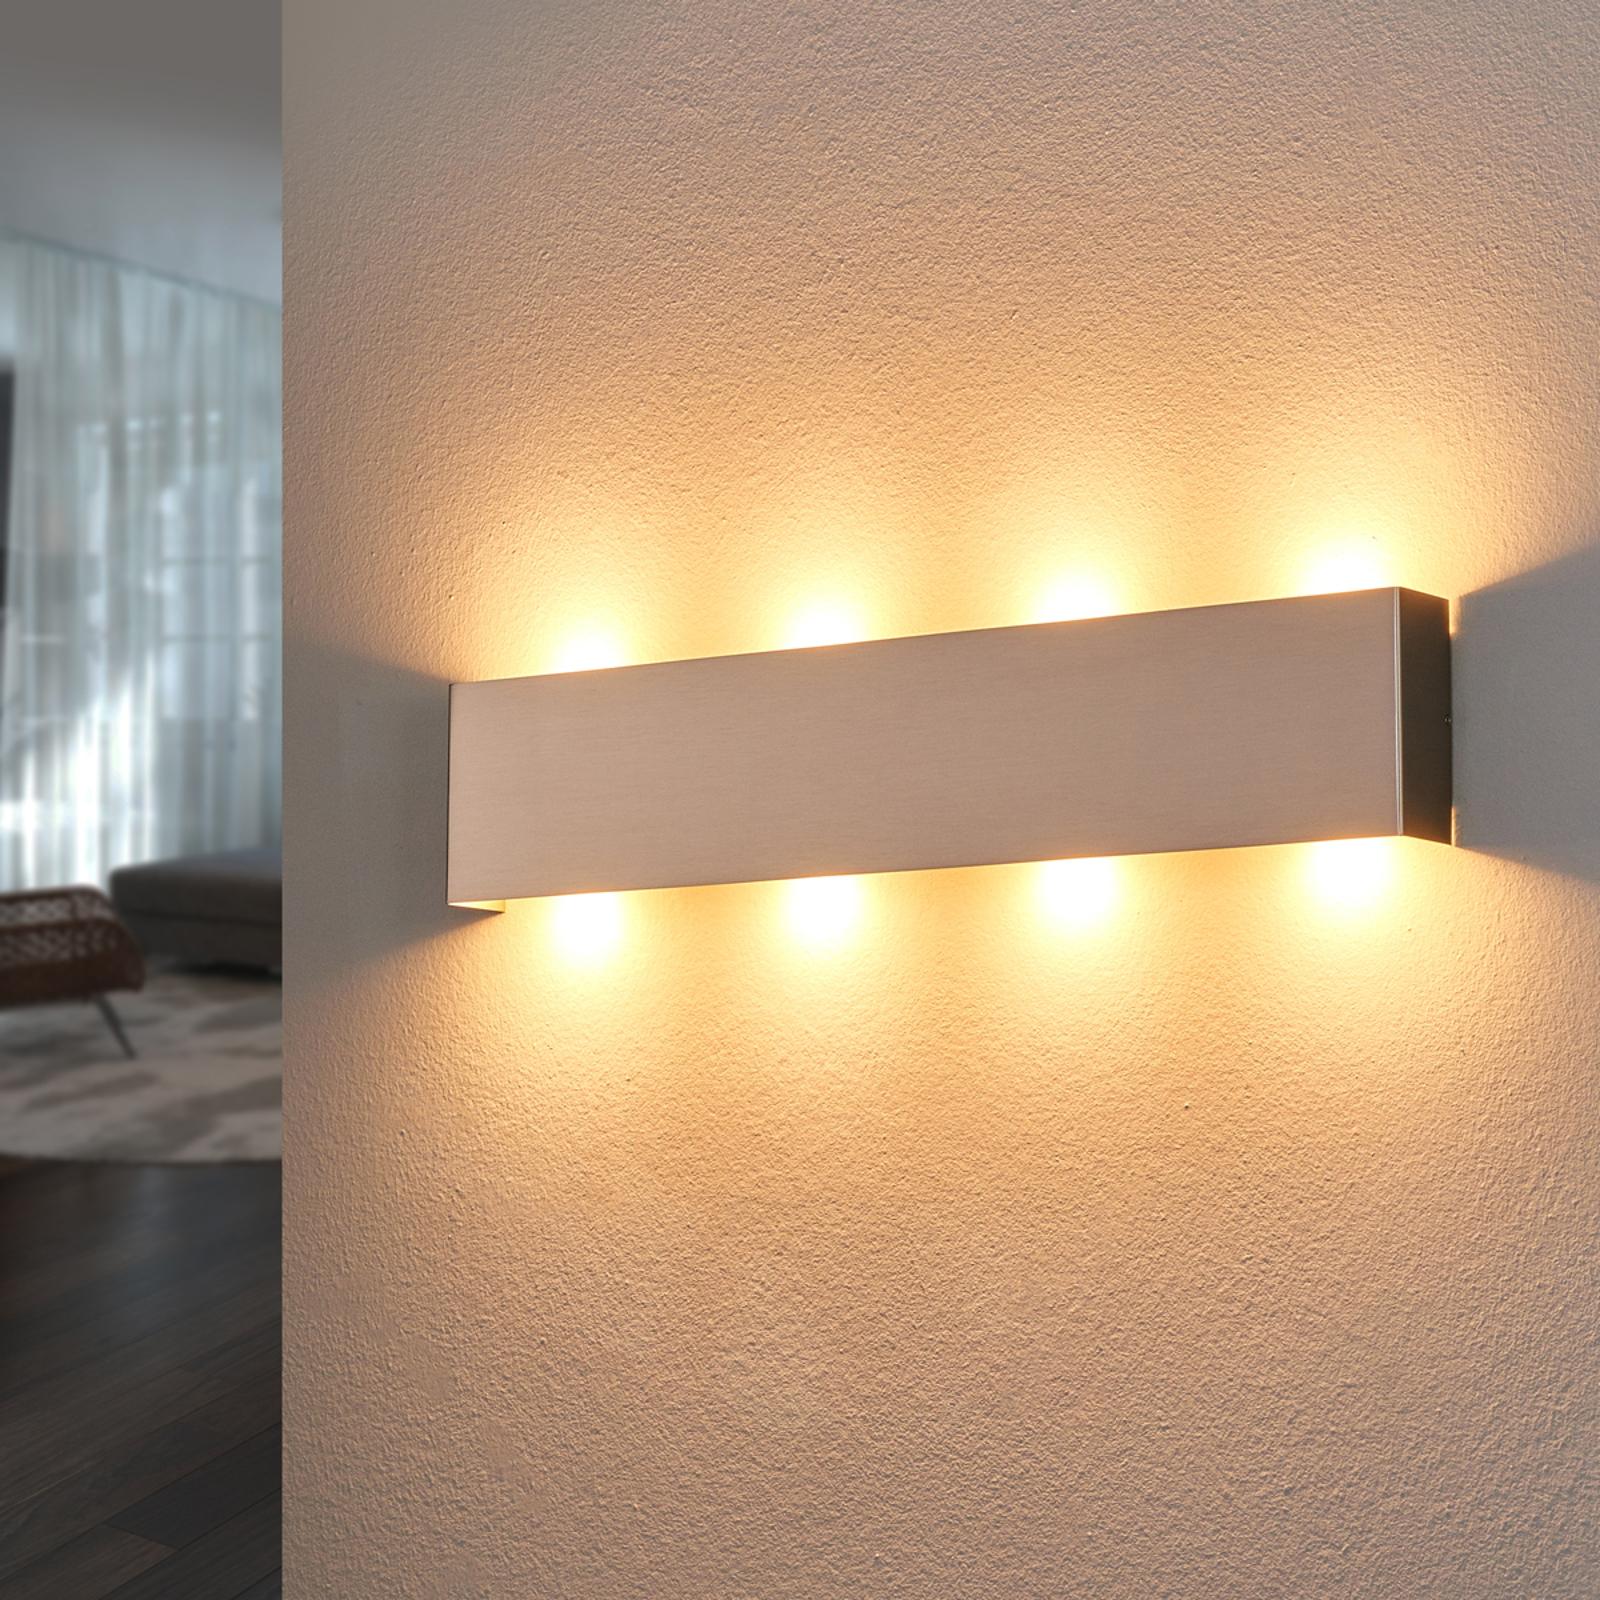 LED nástěnné světlo Maja vbarvě niklu, 54cm